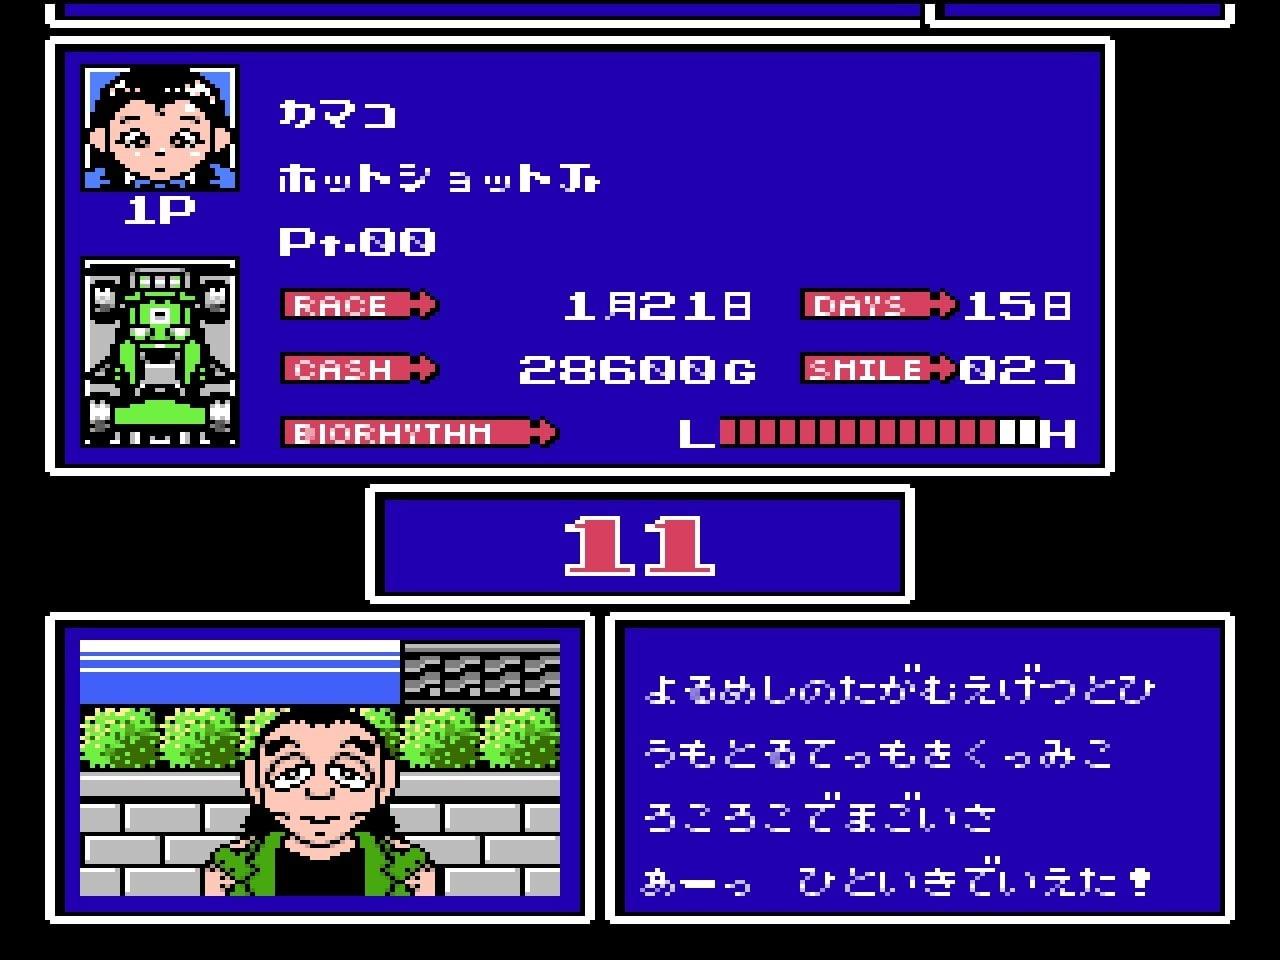 『ダッシュ四駆郎』世代を直撃! ファミコン『レーサーミニ四駆 ジャパンカップ』の意外性のある面白さの画像006